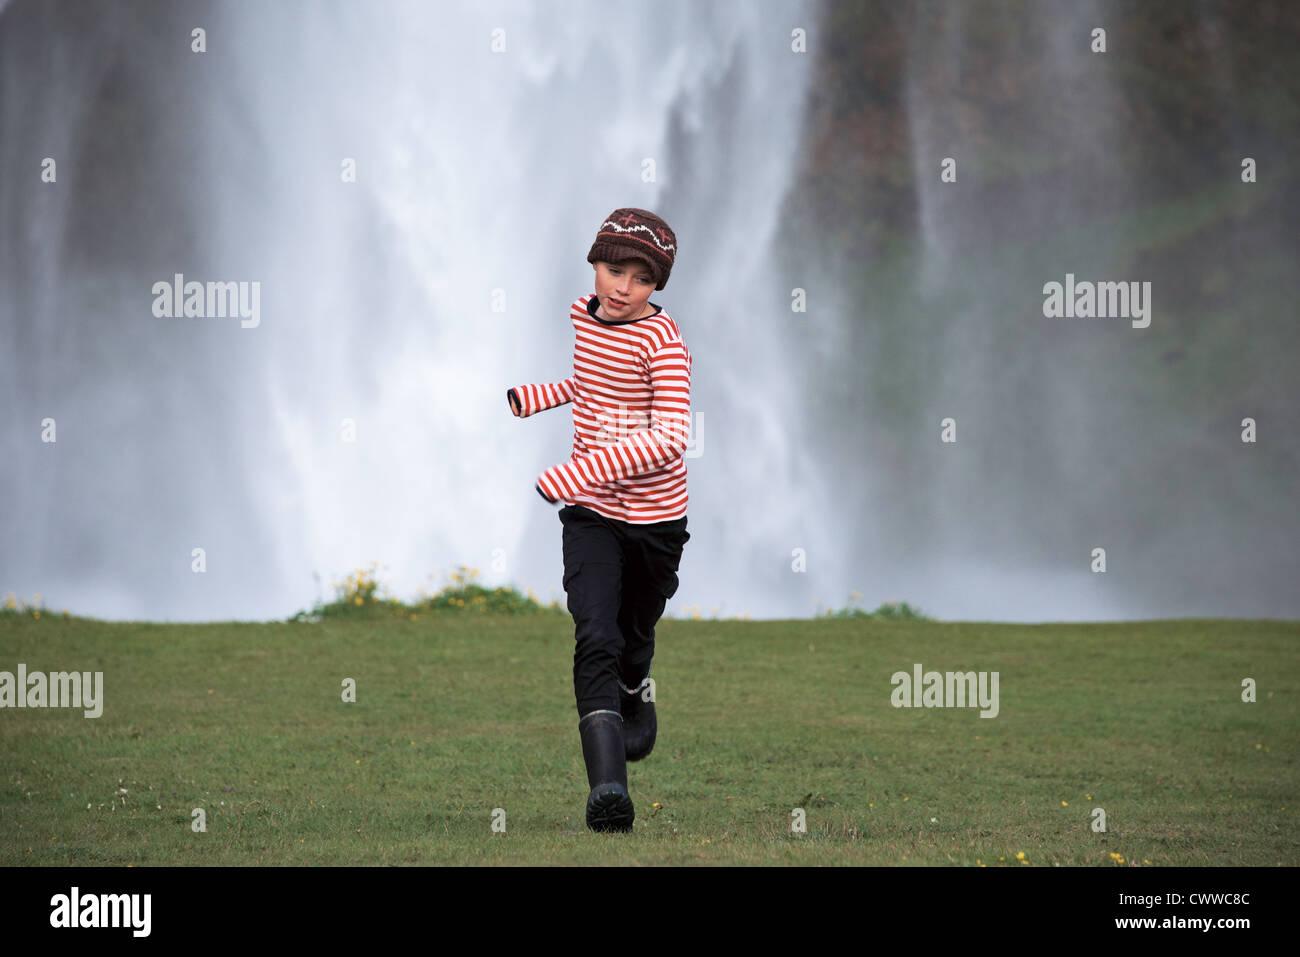 Chica corriendo en el césped Imagen De Stock